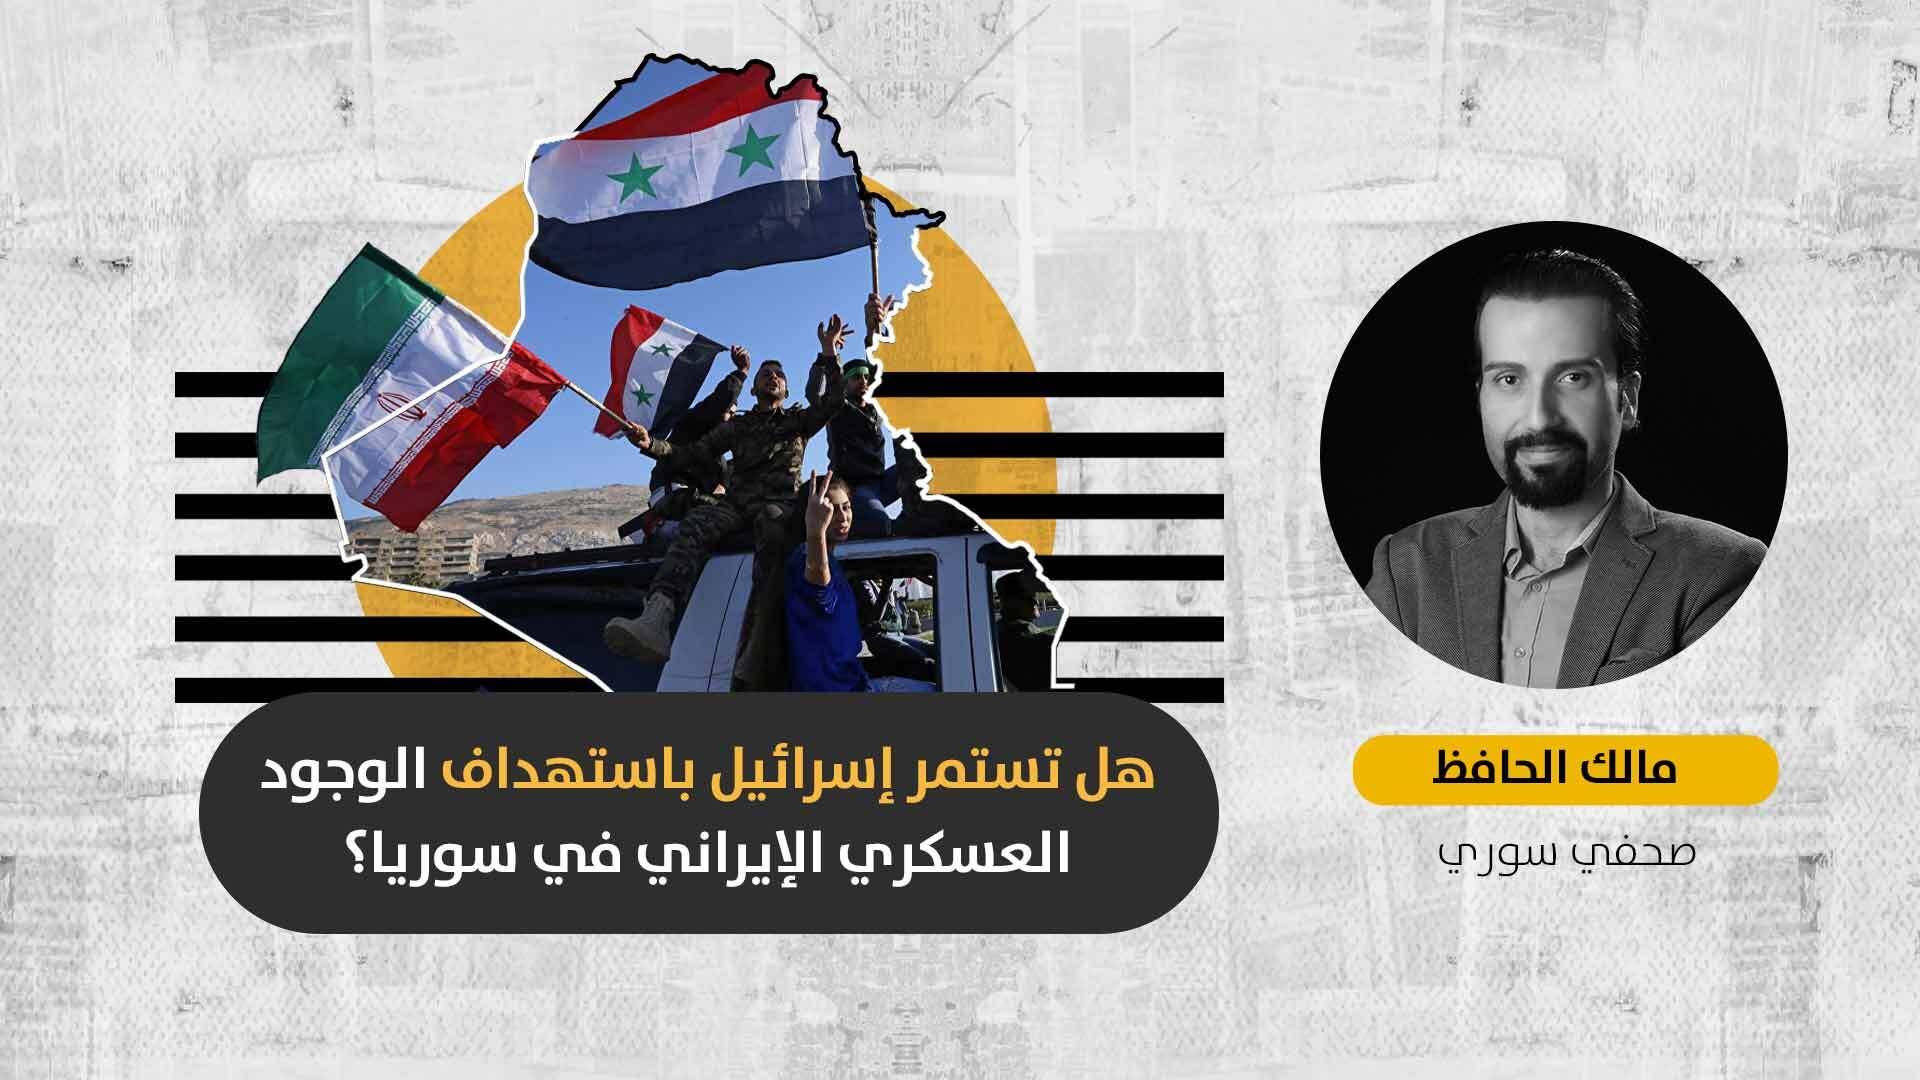 عودة الغارات الإسرائيلية إلى سوريا: هل ستتغير قواعد المواجهة بين إيران وإسرائيل بعد تبدّل حكومتي البلدين؟